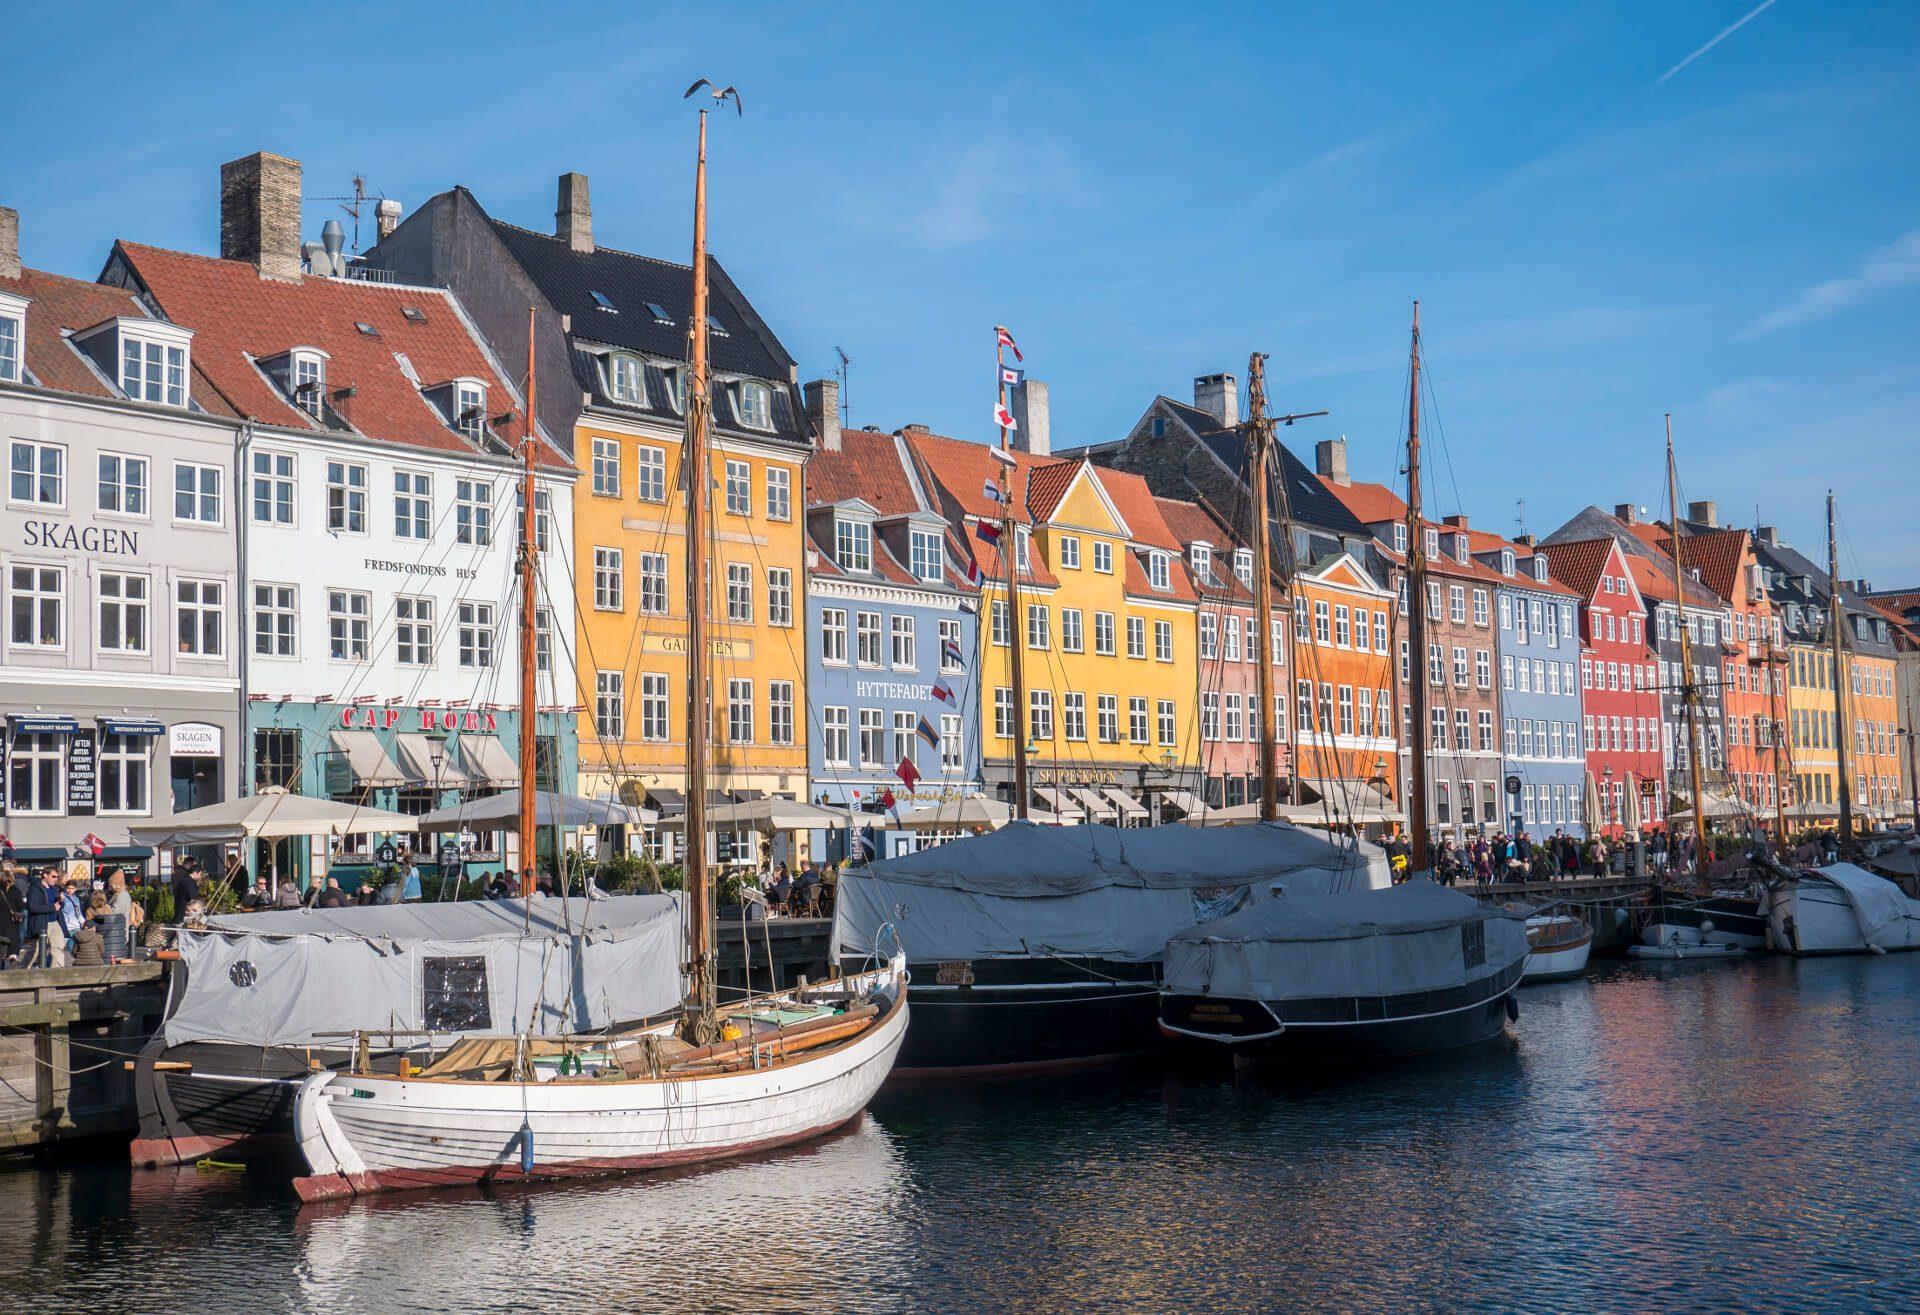 Statki zacumowane przez kanale Nyhavn